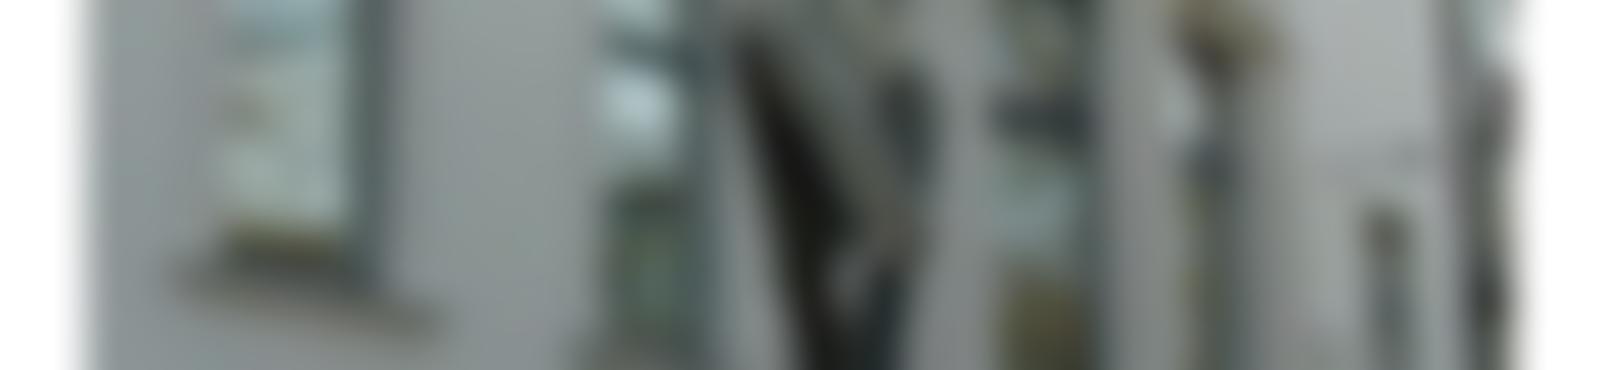 Blurred 1471979 622667097779732 421970449 n